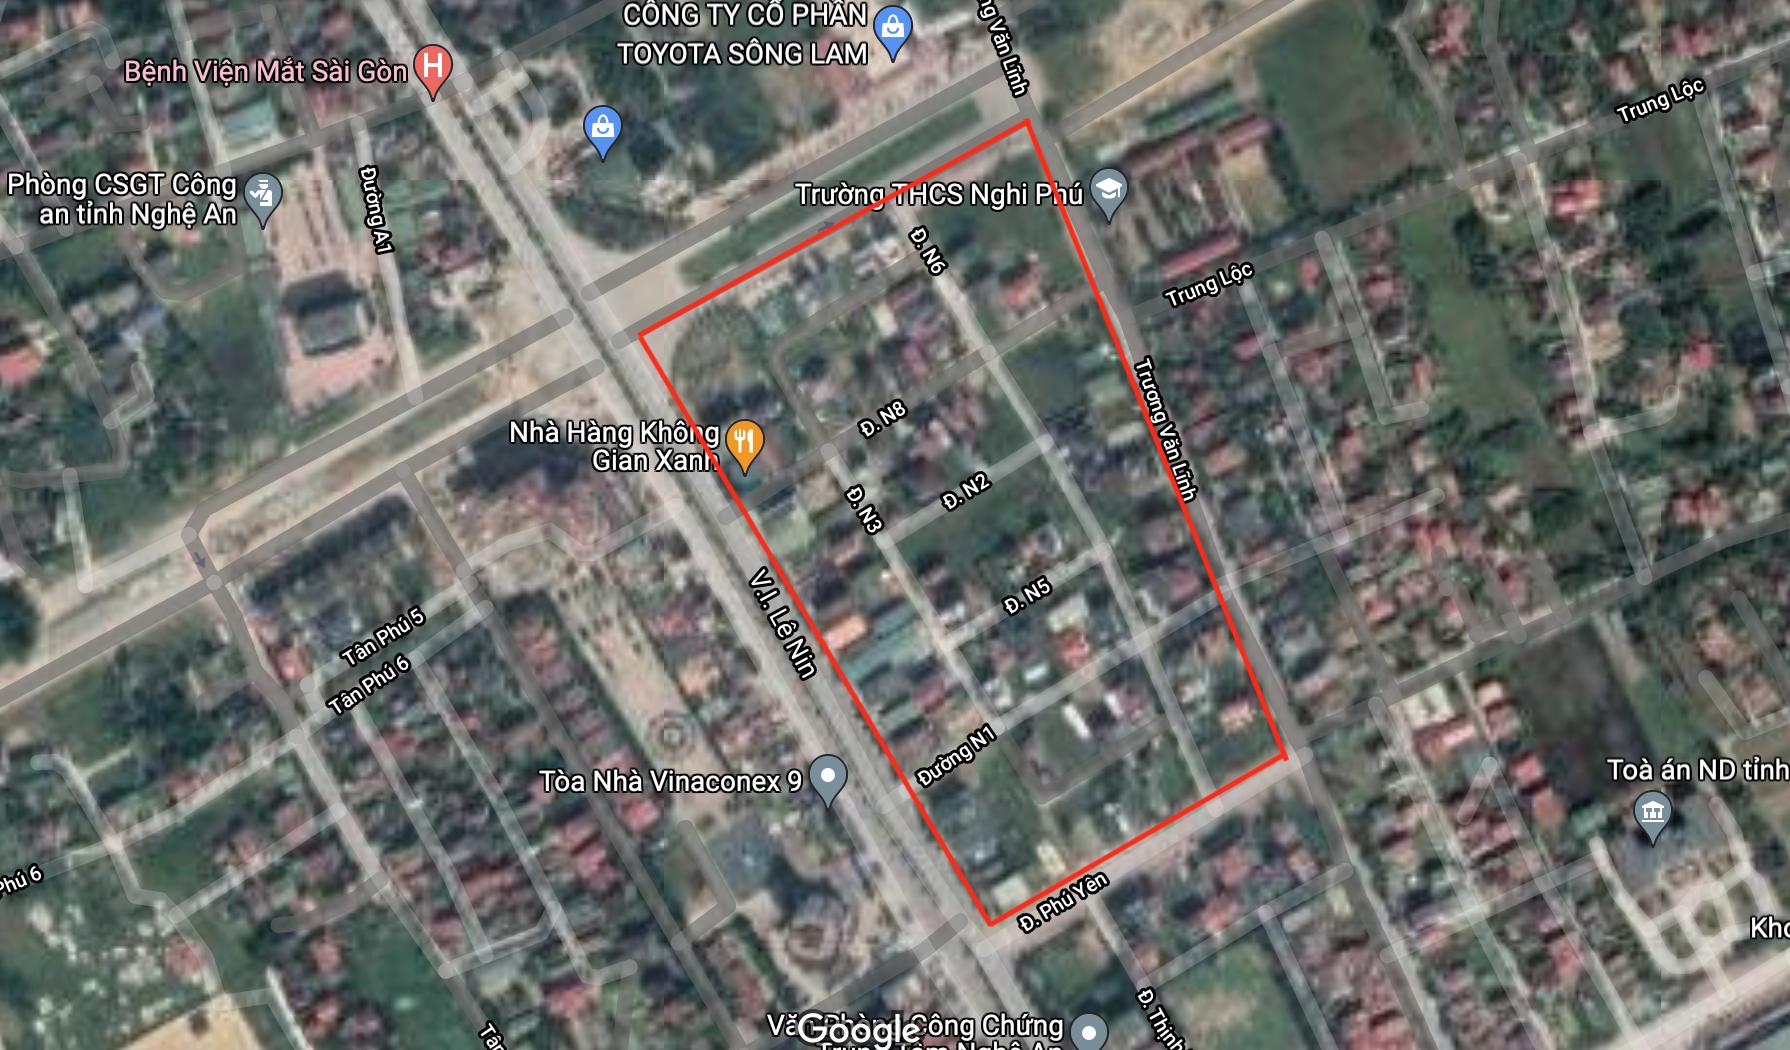 Cận cảnh khu đô thị vip ở Nghệ An khiến 2 vợ chồng đại gia bị bắt giam - Ảnh 2.